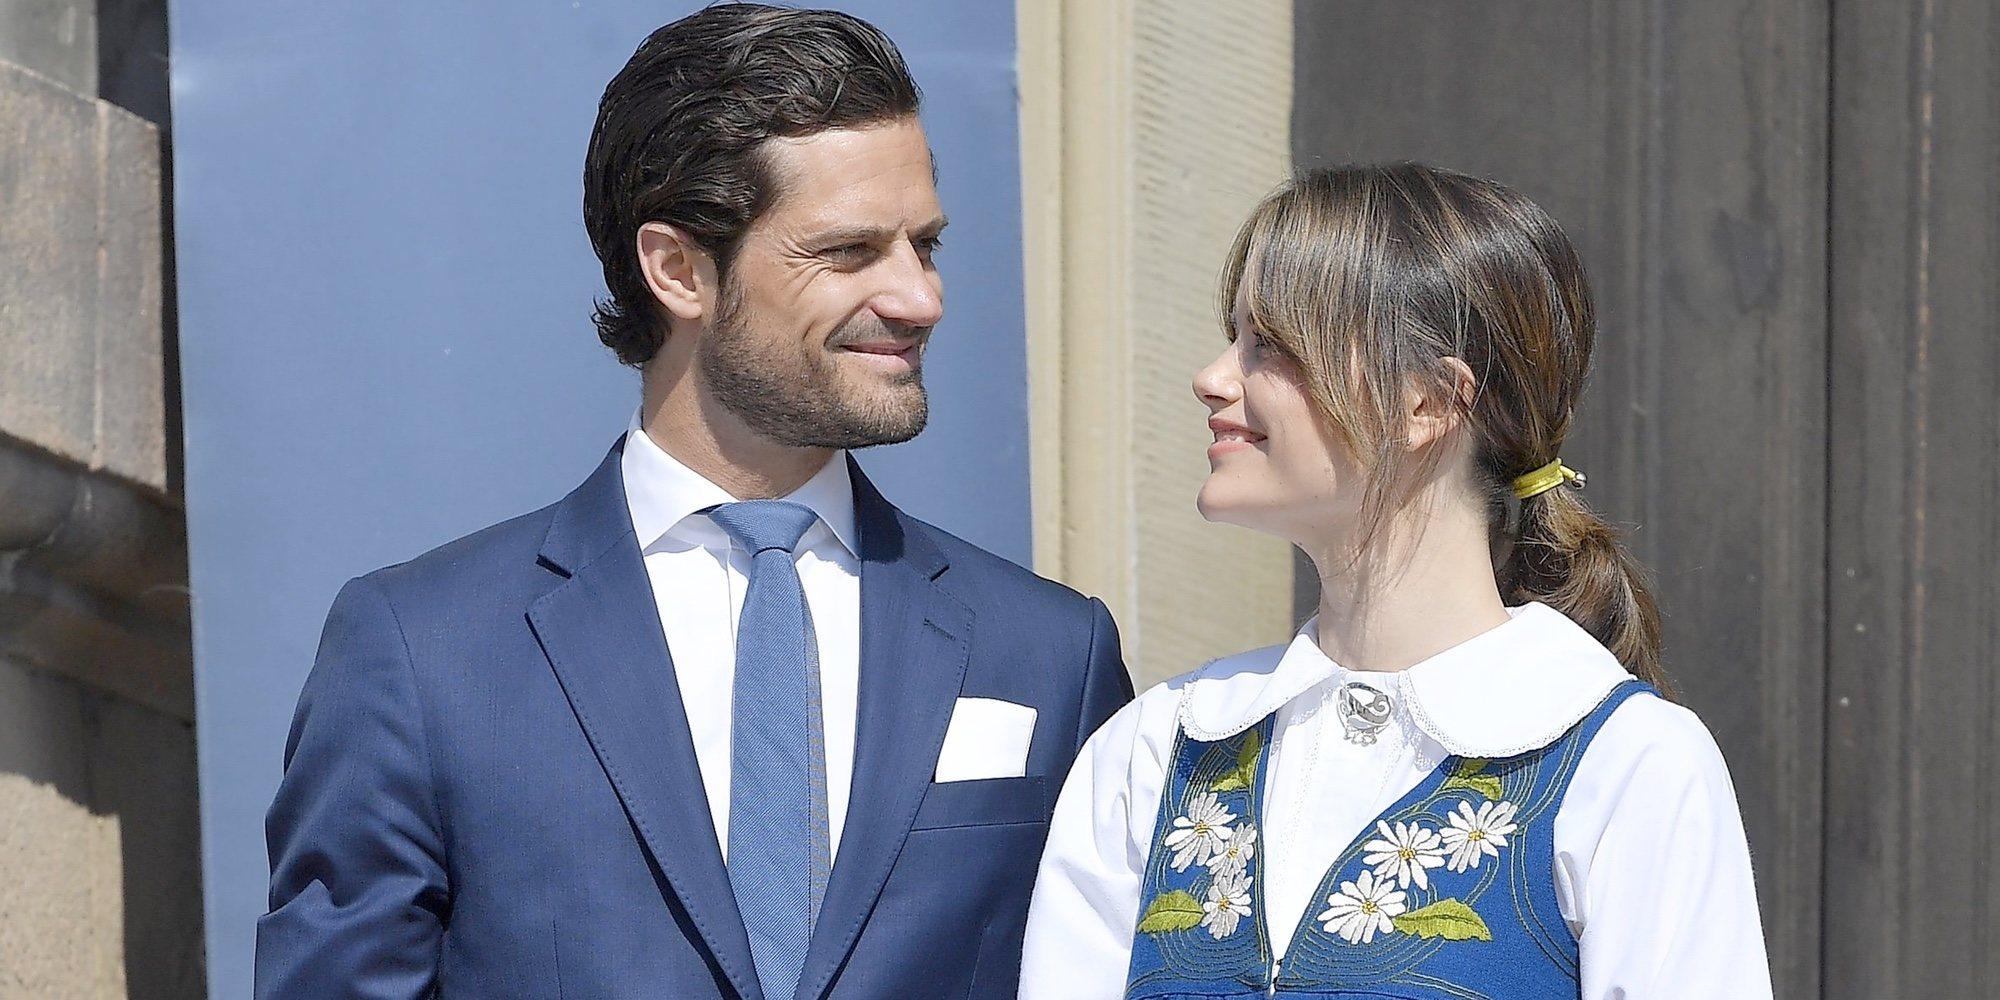 Sofia de Suecia muestra las primeras imágenes de sus tres hijos con guiño a Carlos Felipe de Suecia